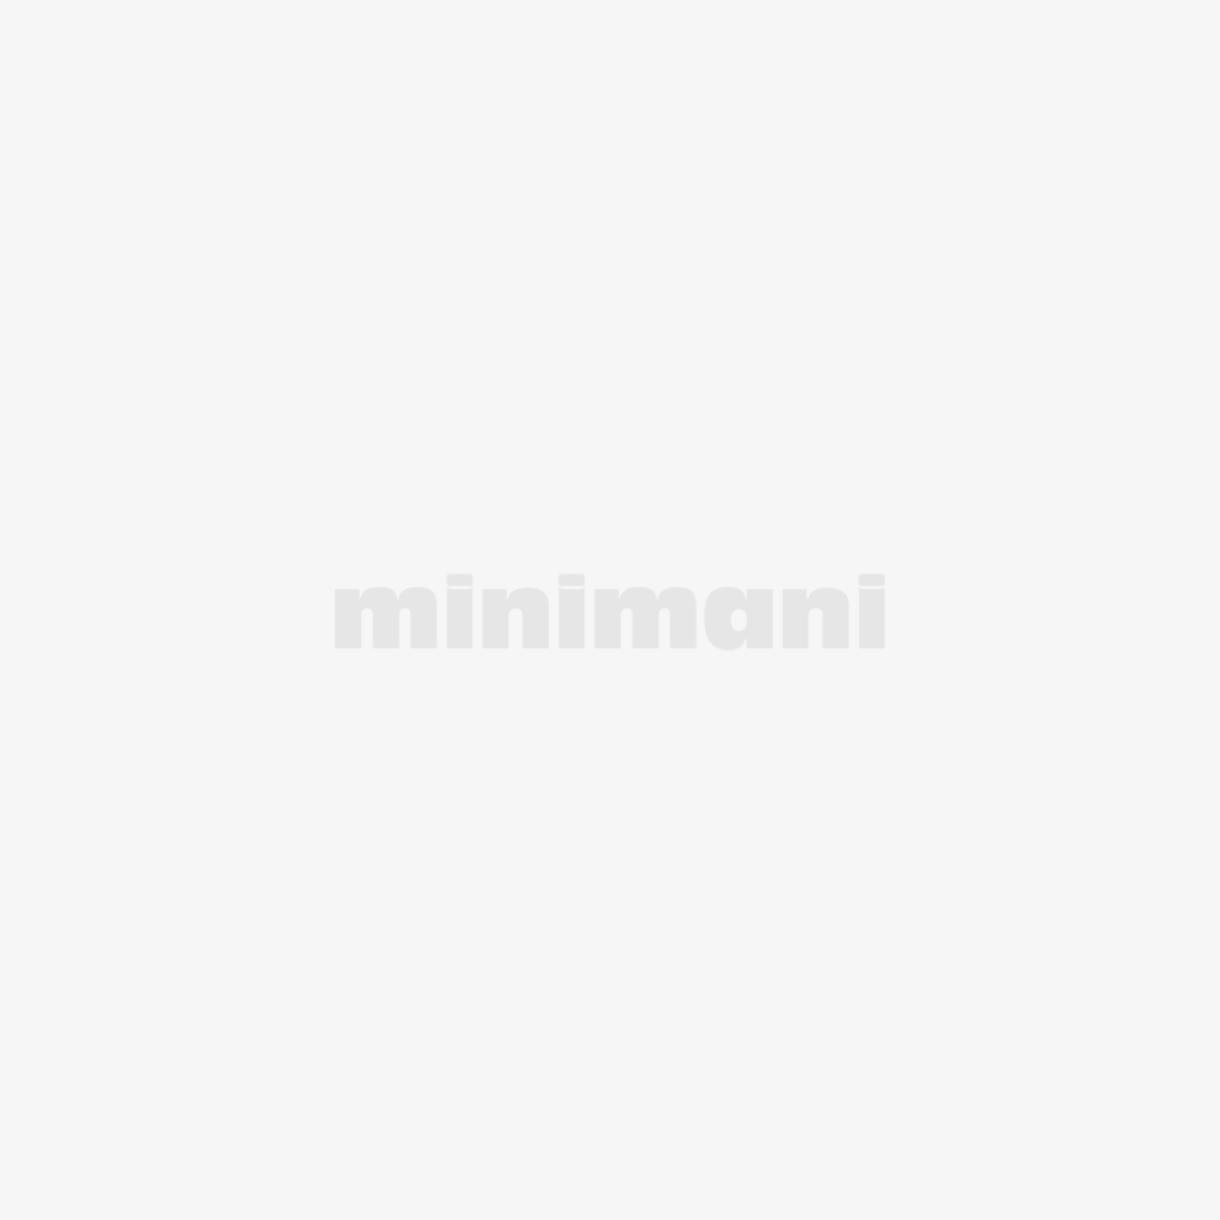 Vallila muovitabletti 37x37 cm, Perry